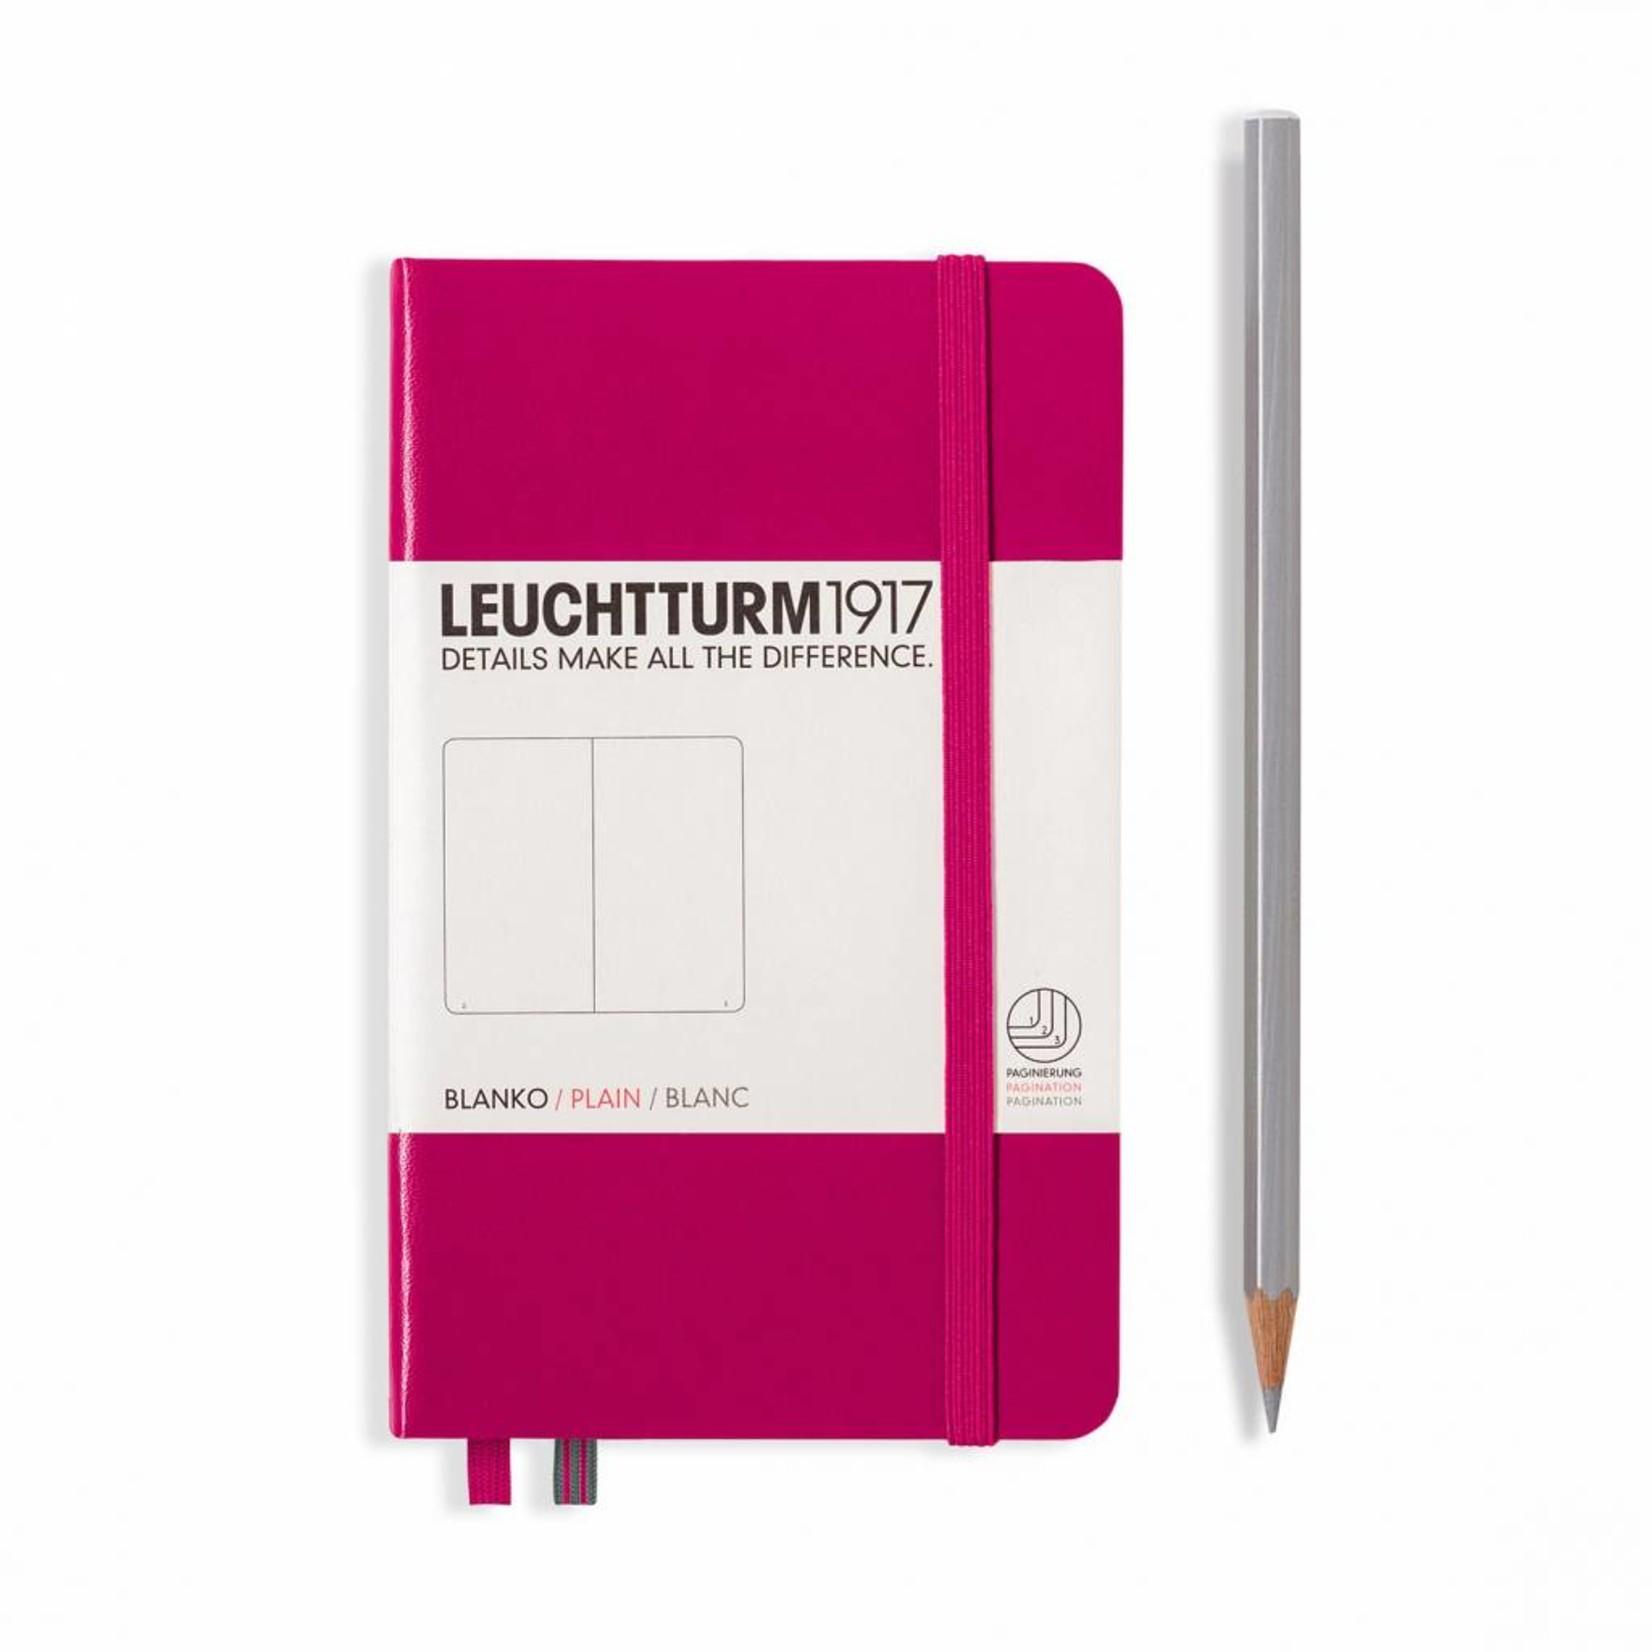 Leuchtturm1917 Leuchtturm1917 Notizbuch, Pocket, Beere, Blanko